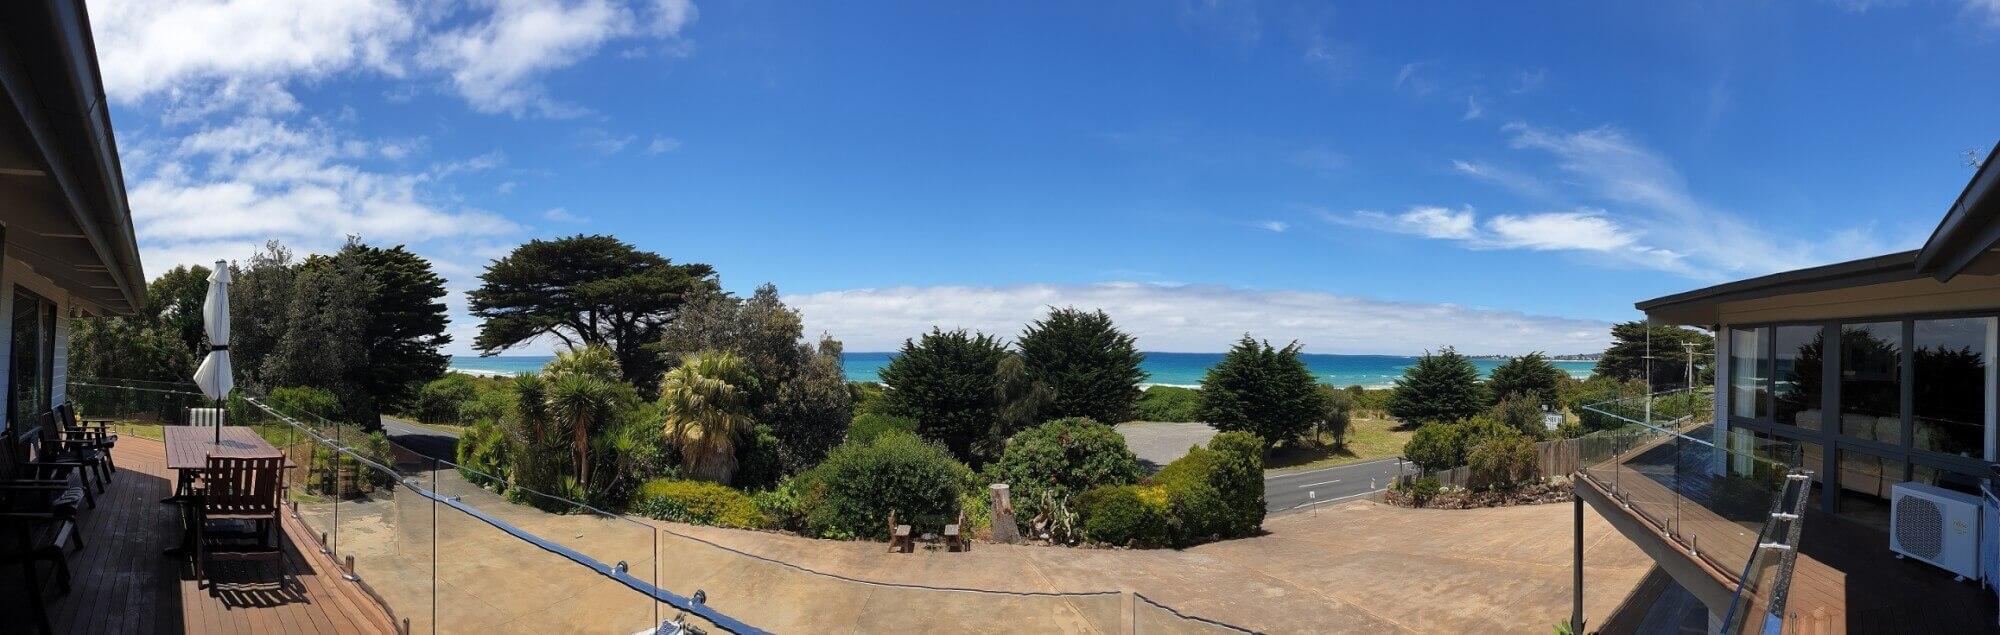 6240 Great Ocean Road Apollo Bay VIC 3233